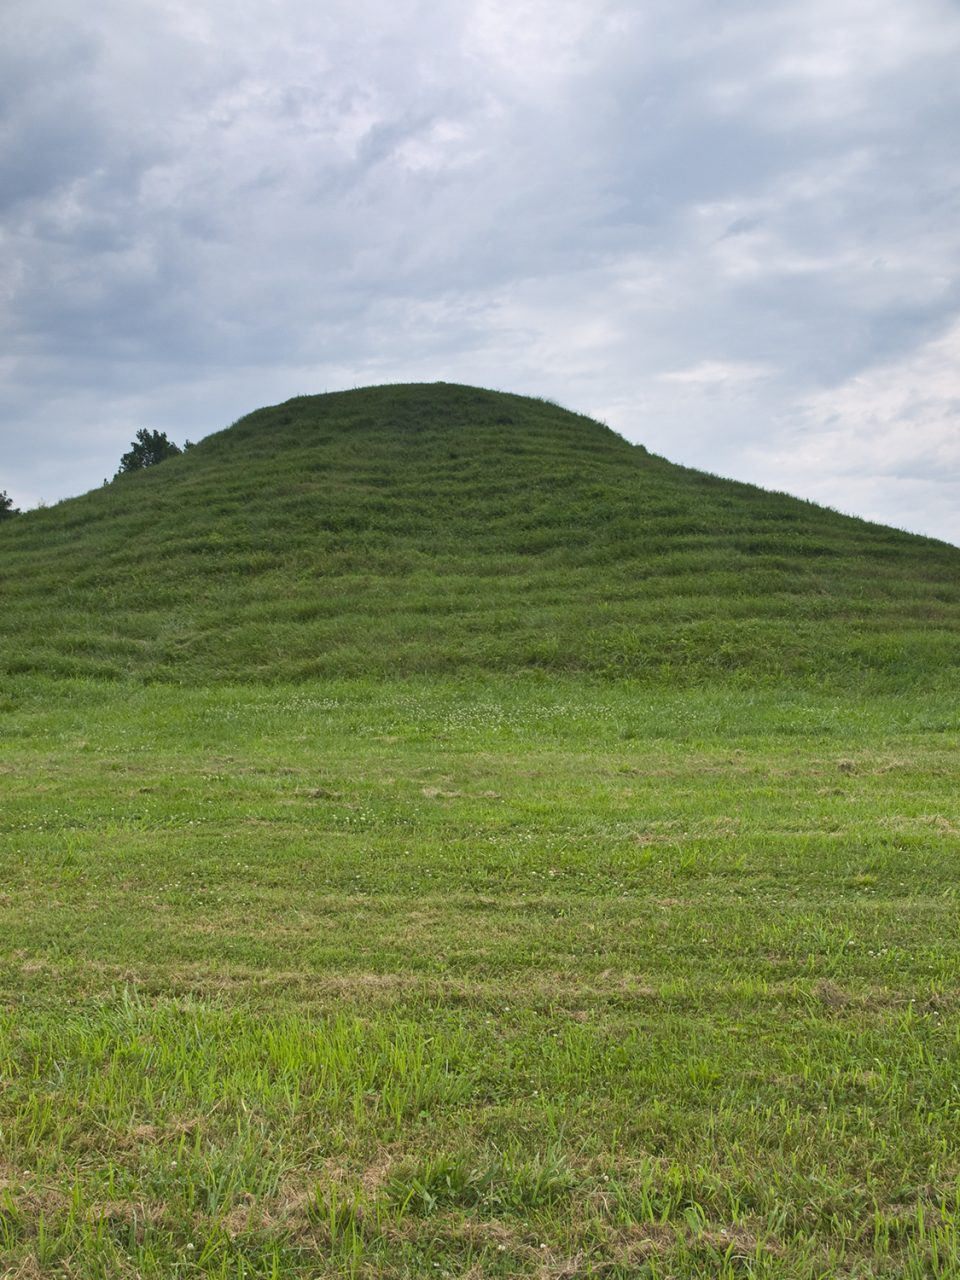 Cone mound at Cahokia, Illinois